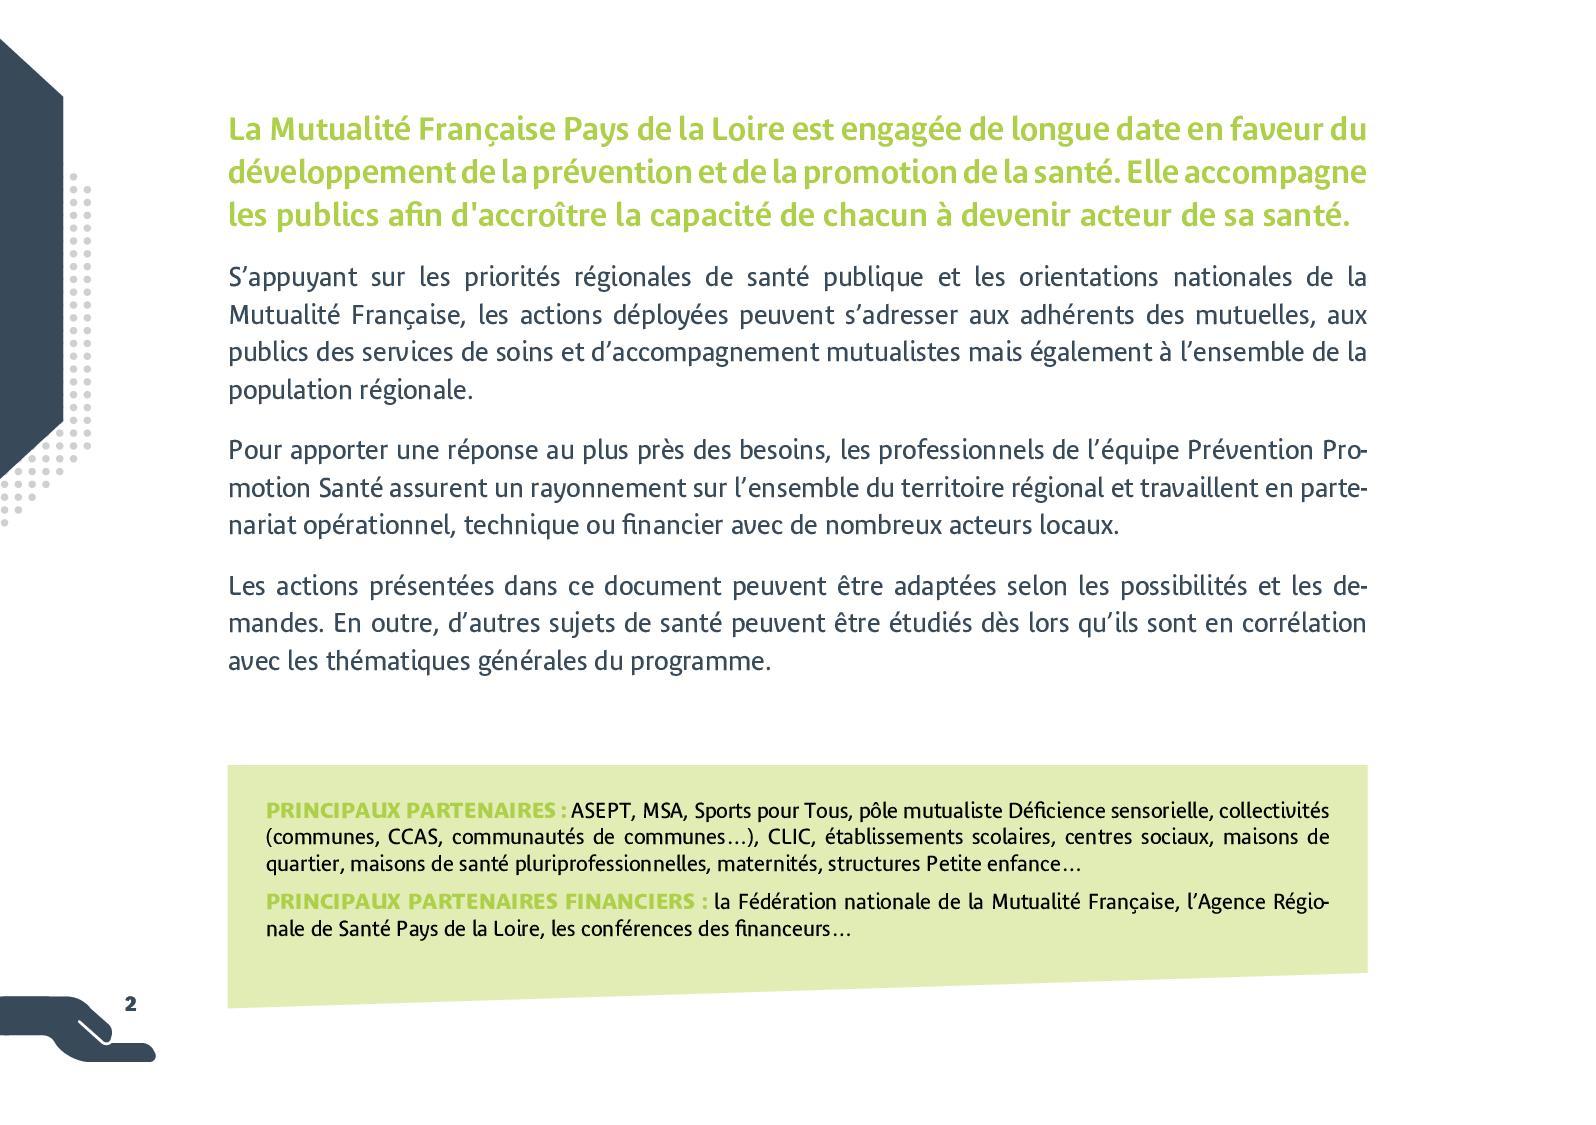 24b7cef5e3 Programme Prévention Promotion Santé de la Mutualité Française ...